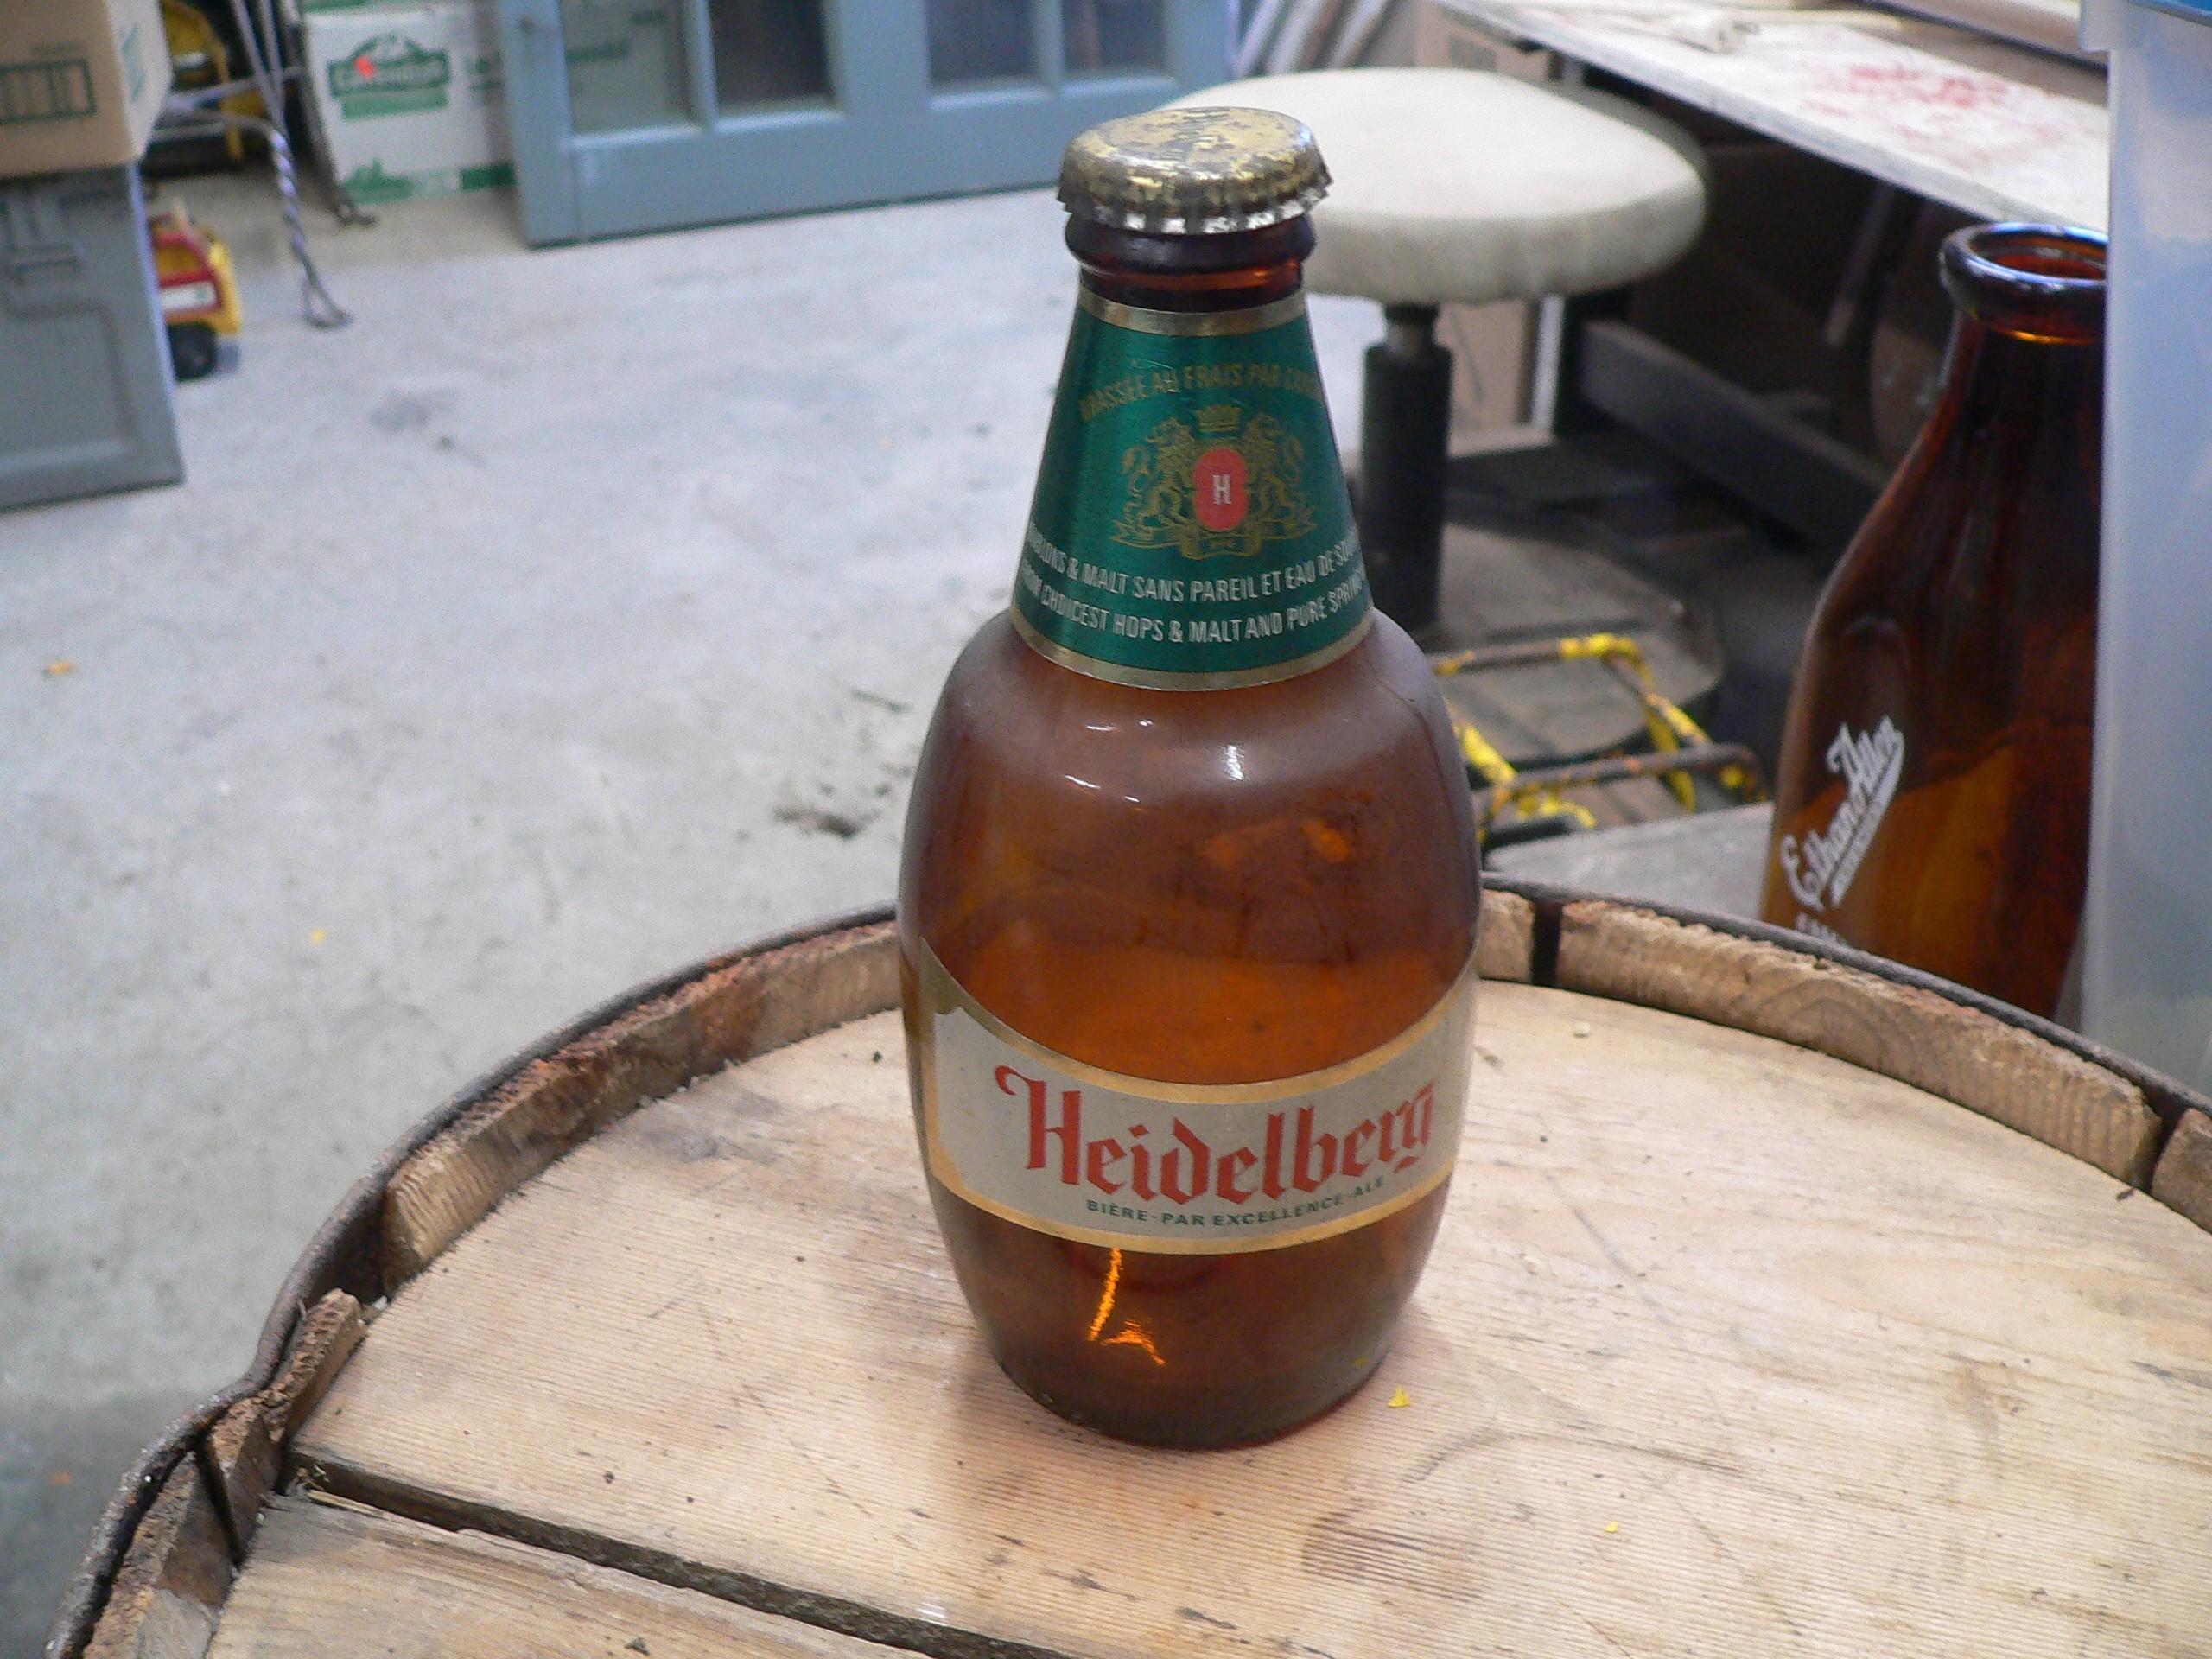 Bouteille heidelberg # 6920.12